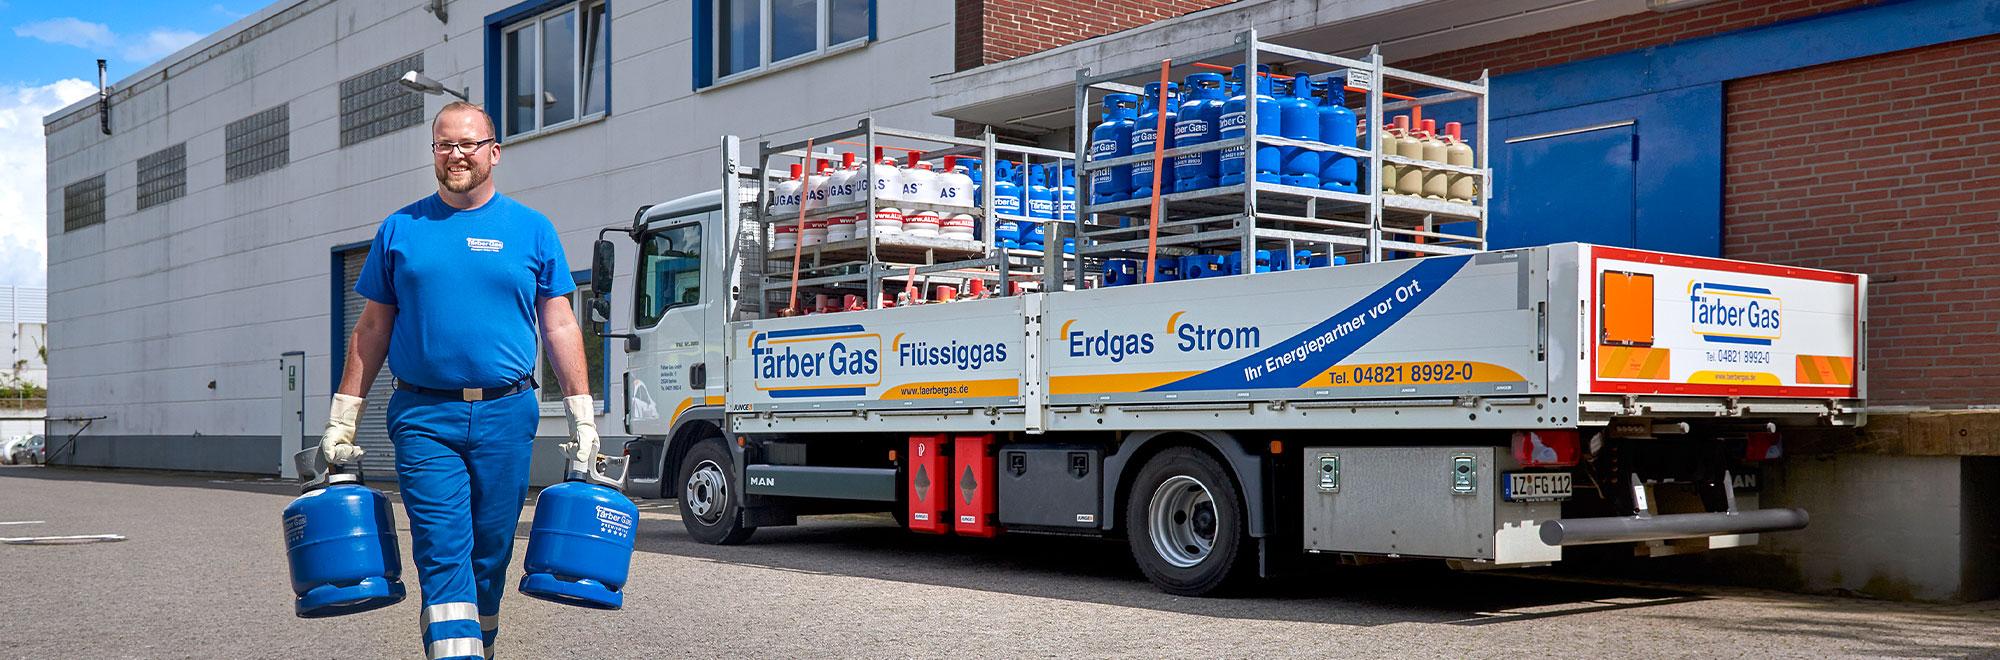 Färber Gas Flüssiggas Privatkunden Flaschengas Vertriebsstellen